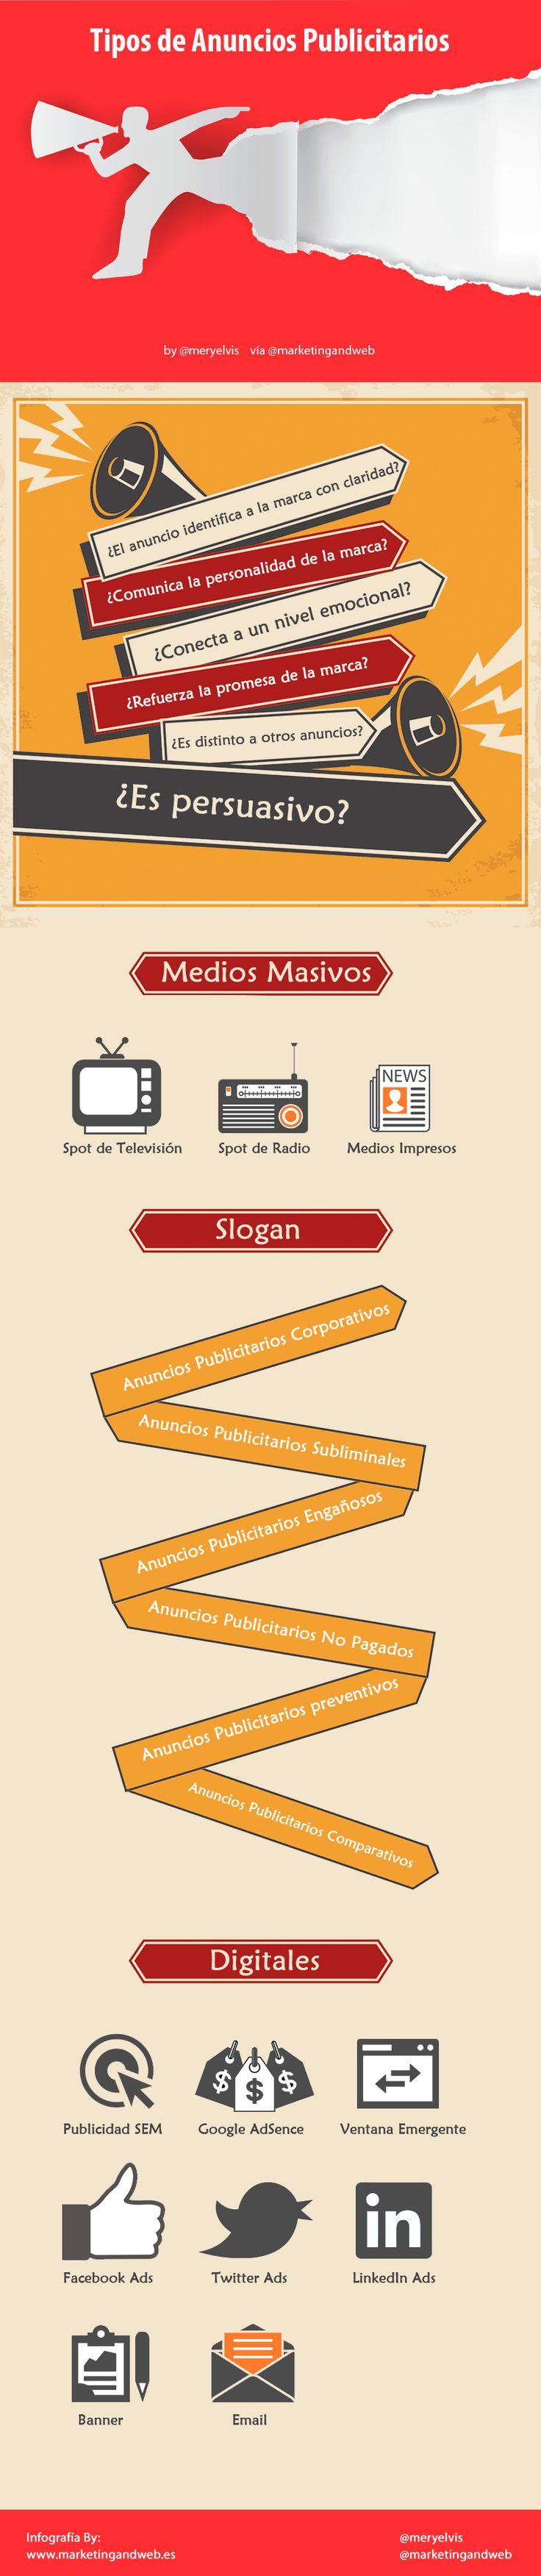 12 anuncios publicitarios efectivos y poderosos #sm via JugoSocial